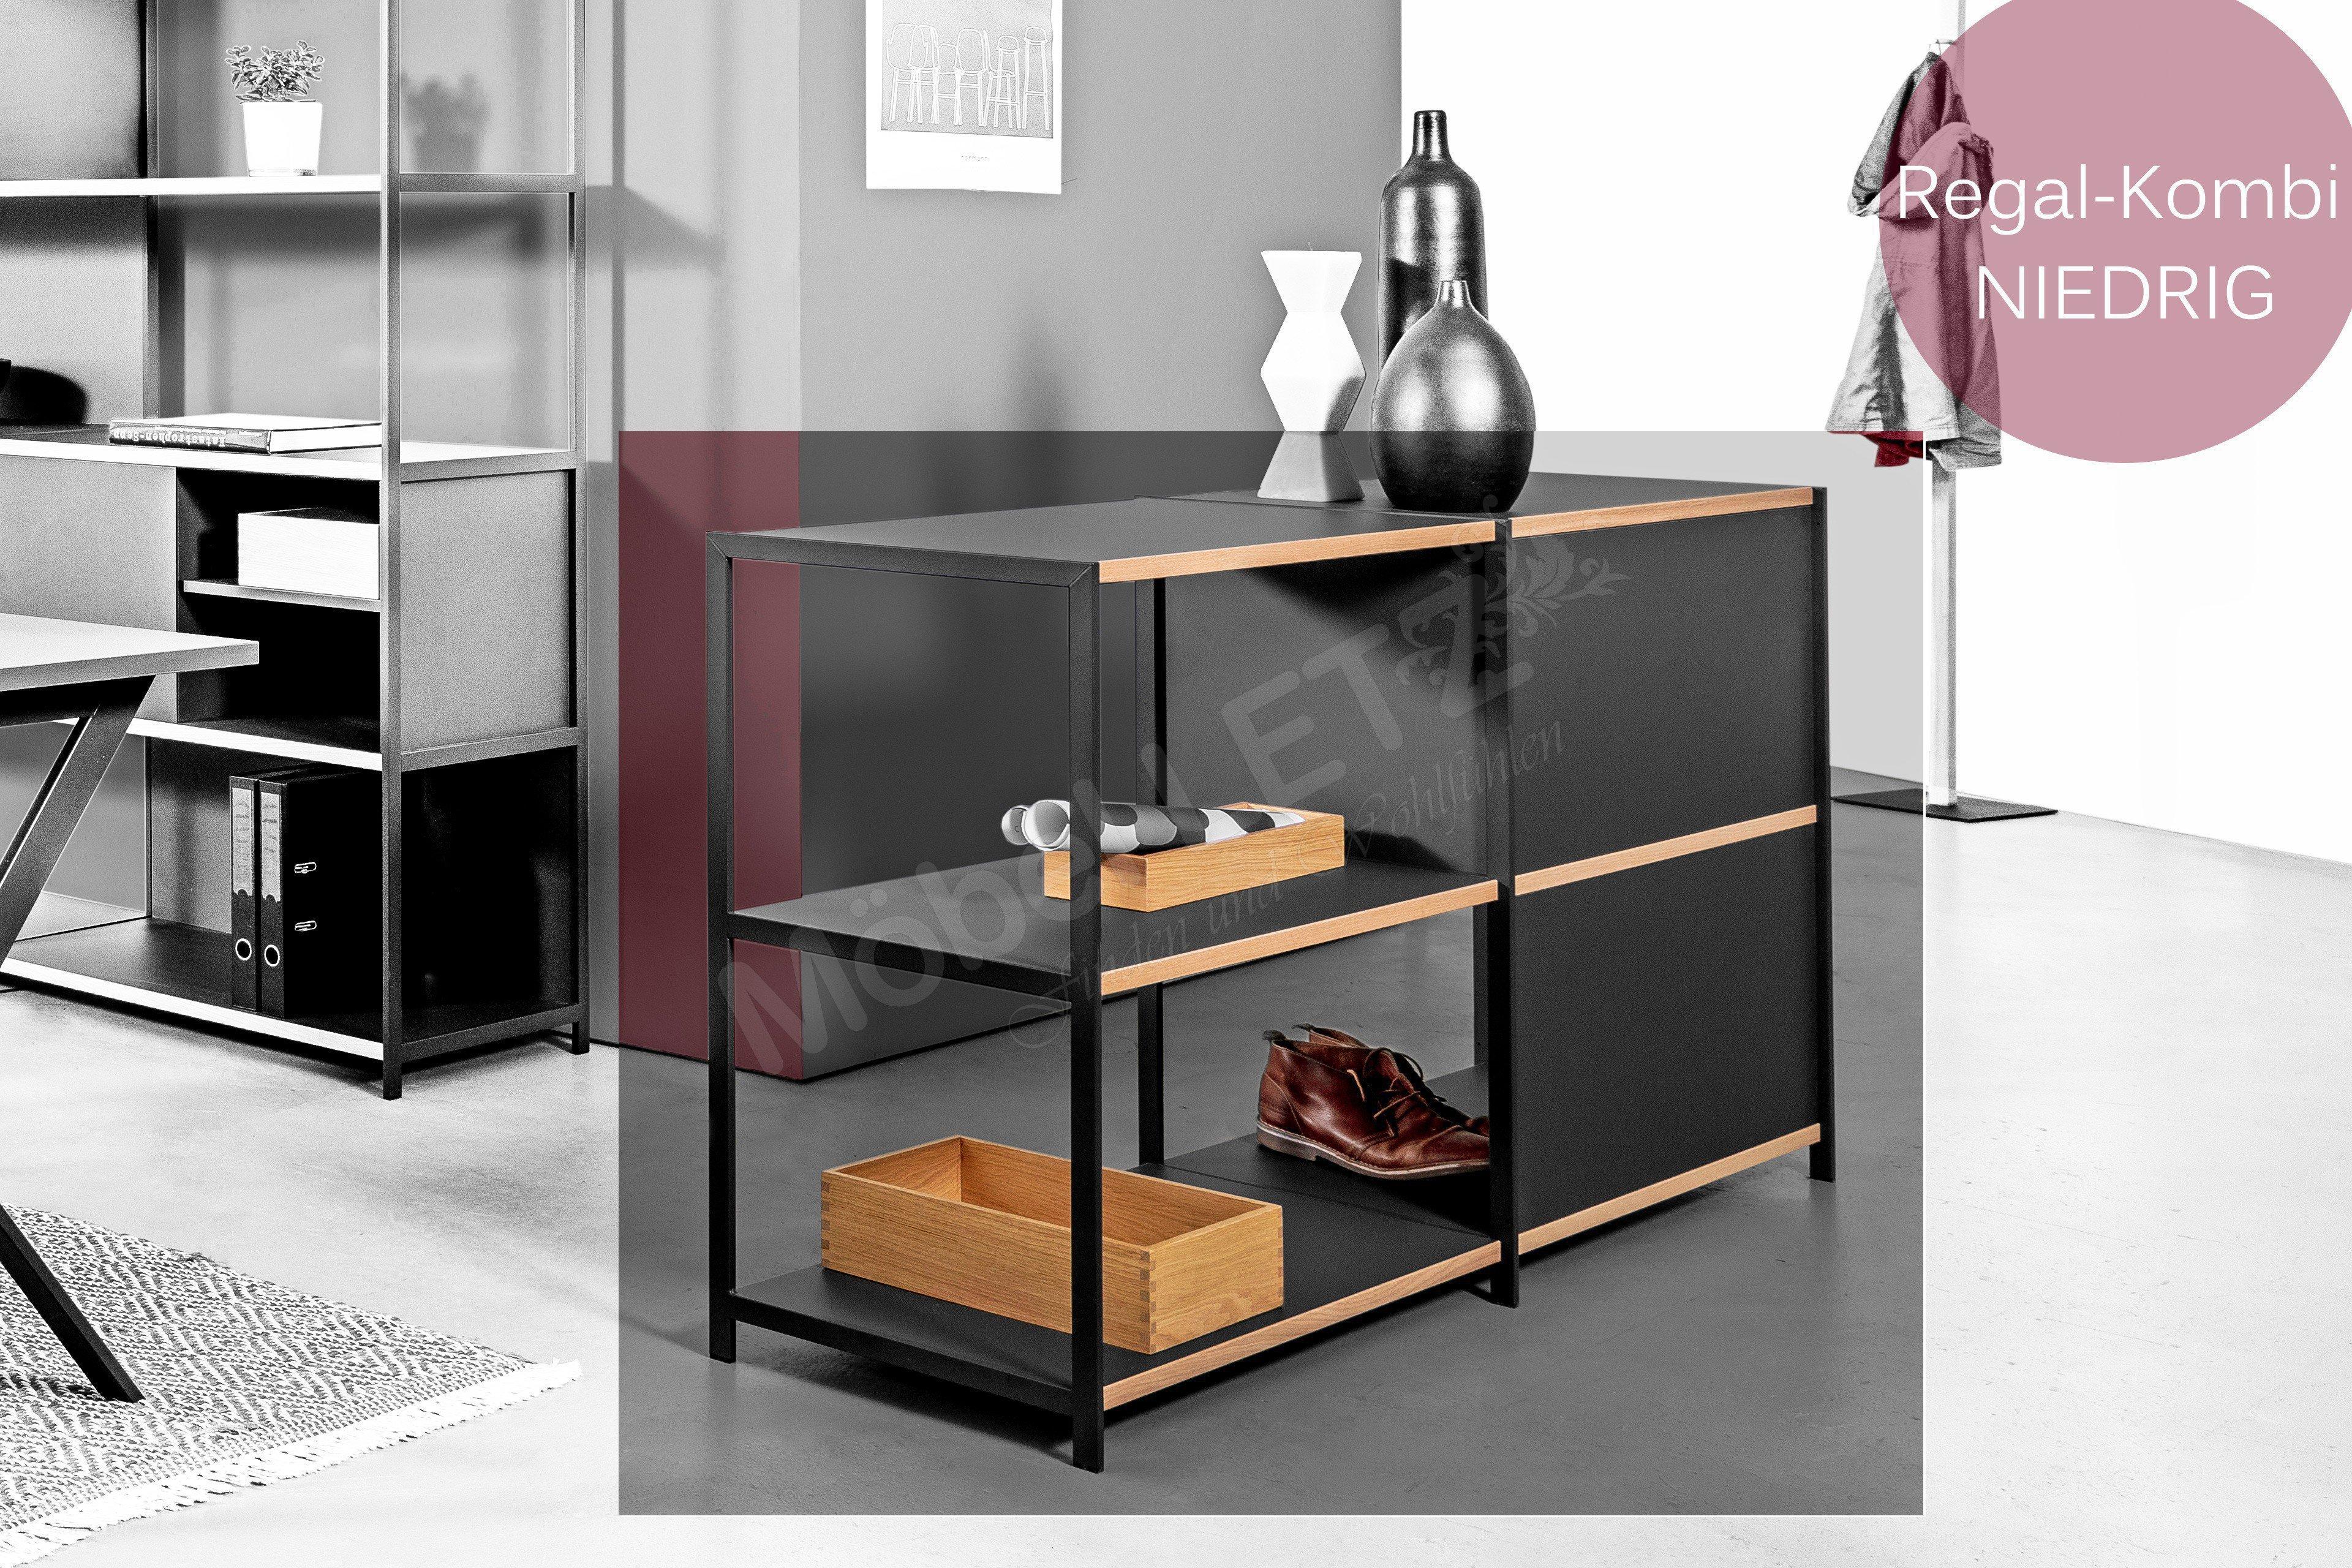 reinhard b rom bel loft m bel letz ihr online shop. Black Bedroom Furniture Sets. Home Design Ideas